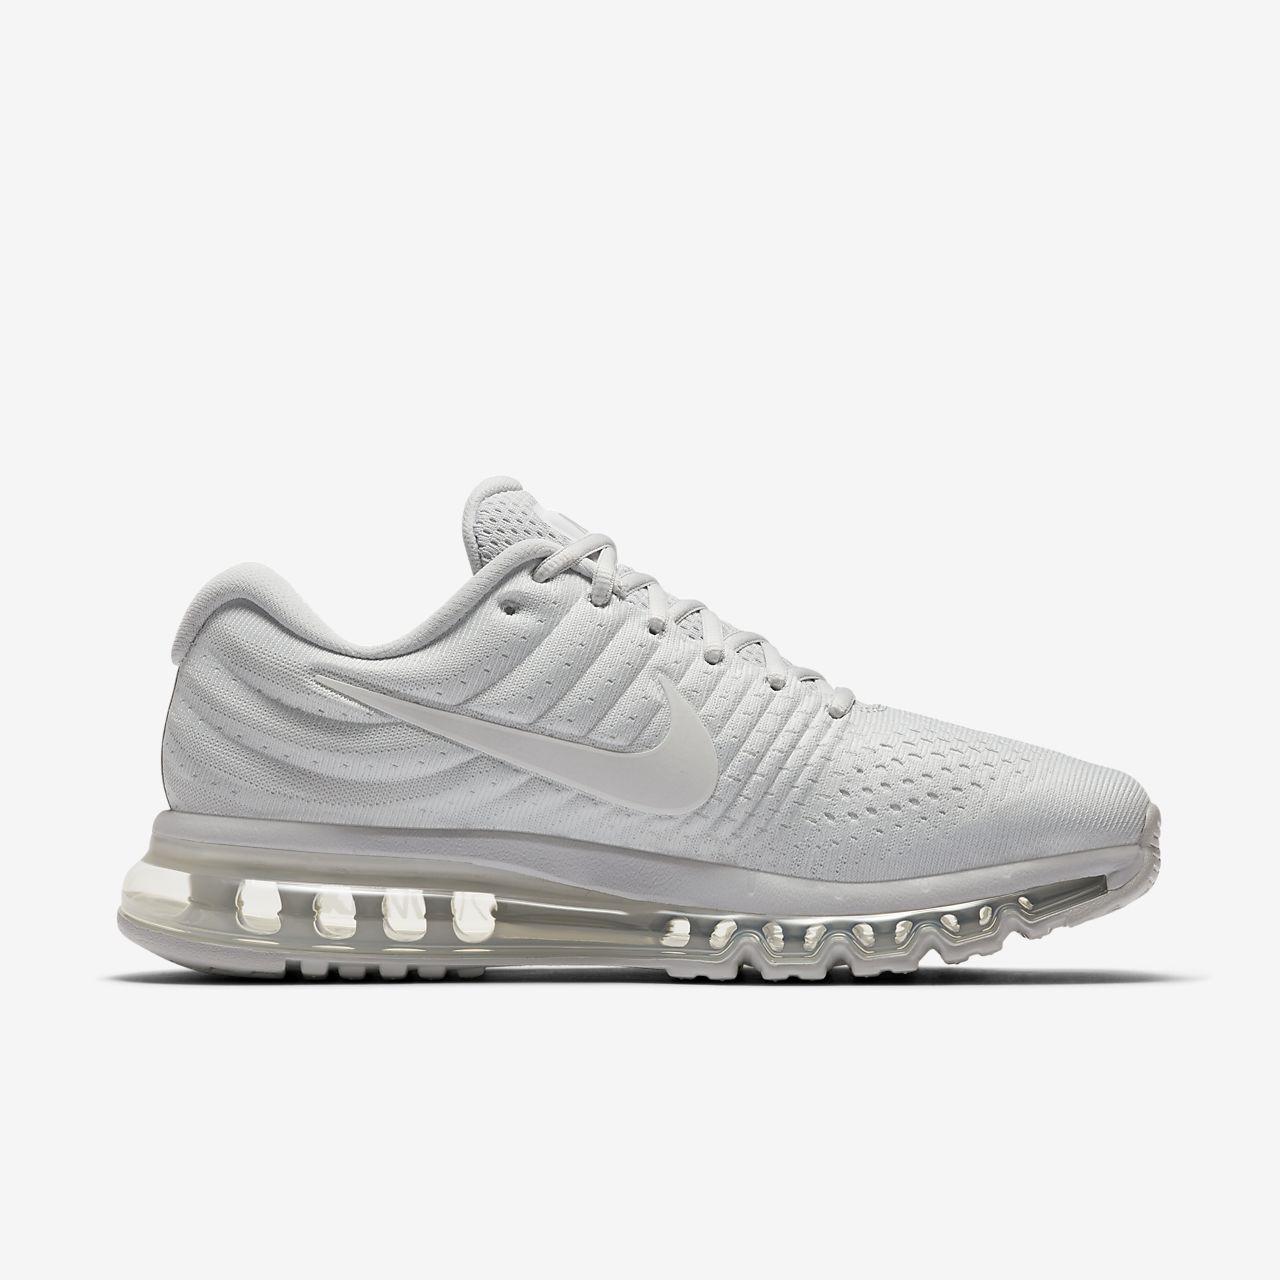 ... Nike Air Max 2017 SE Men's Running Shoe